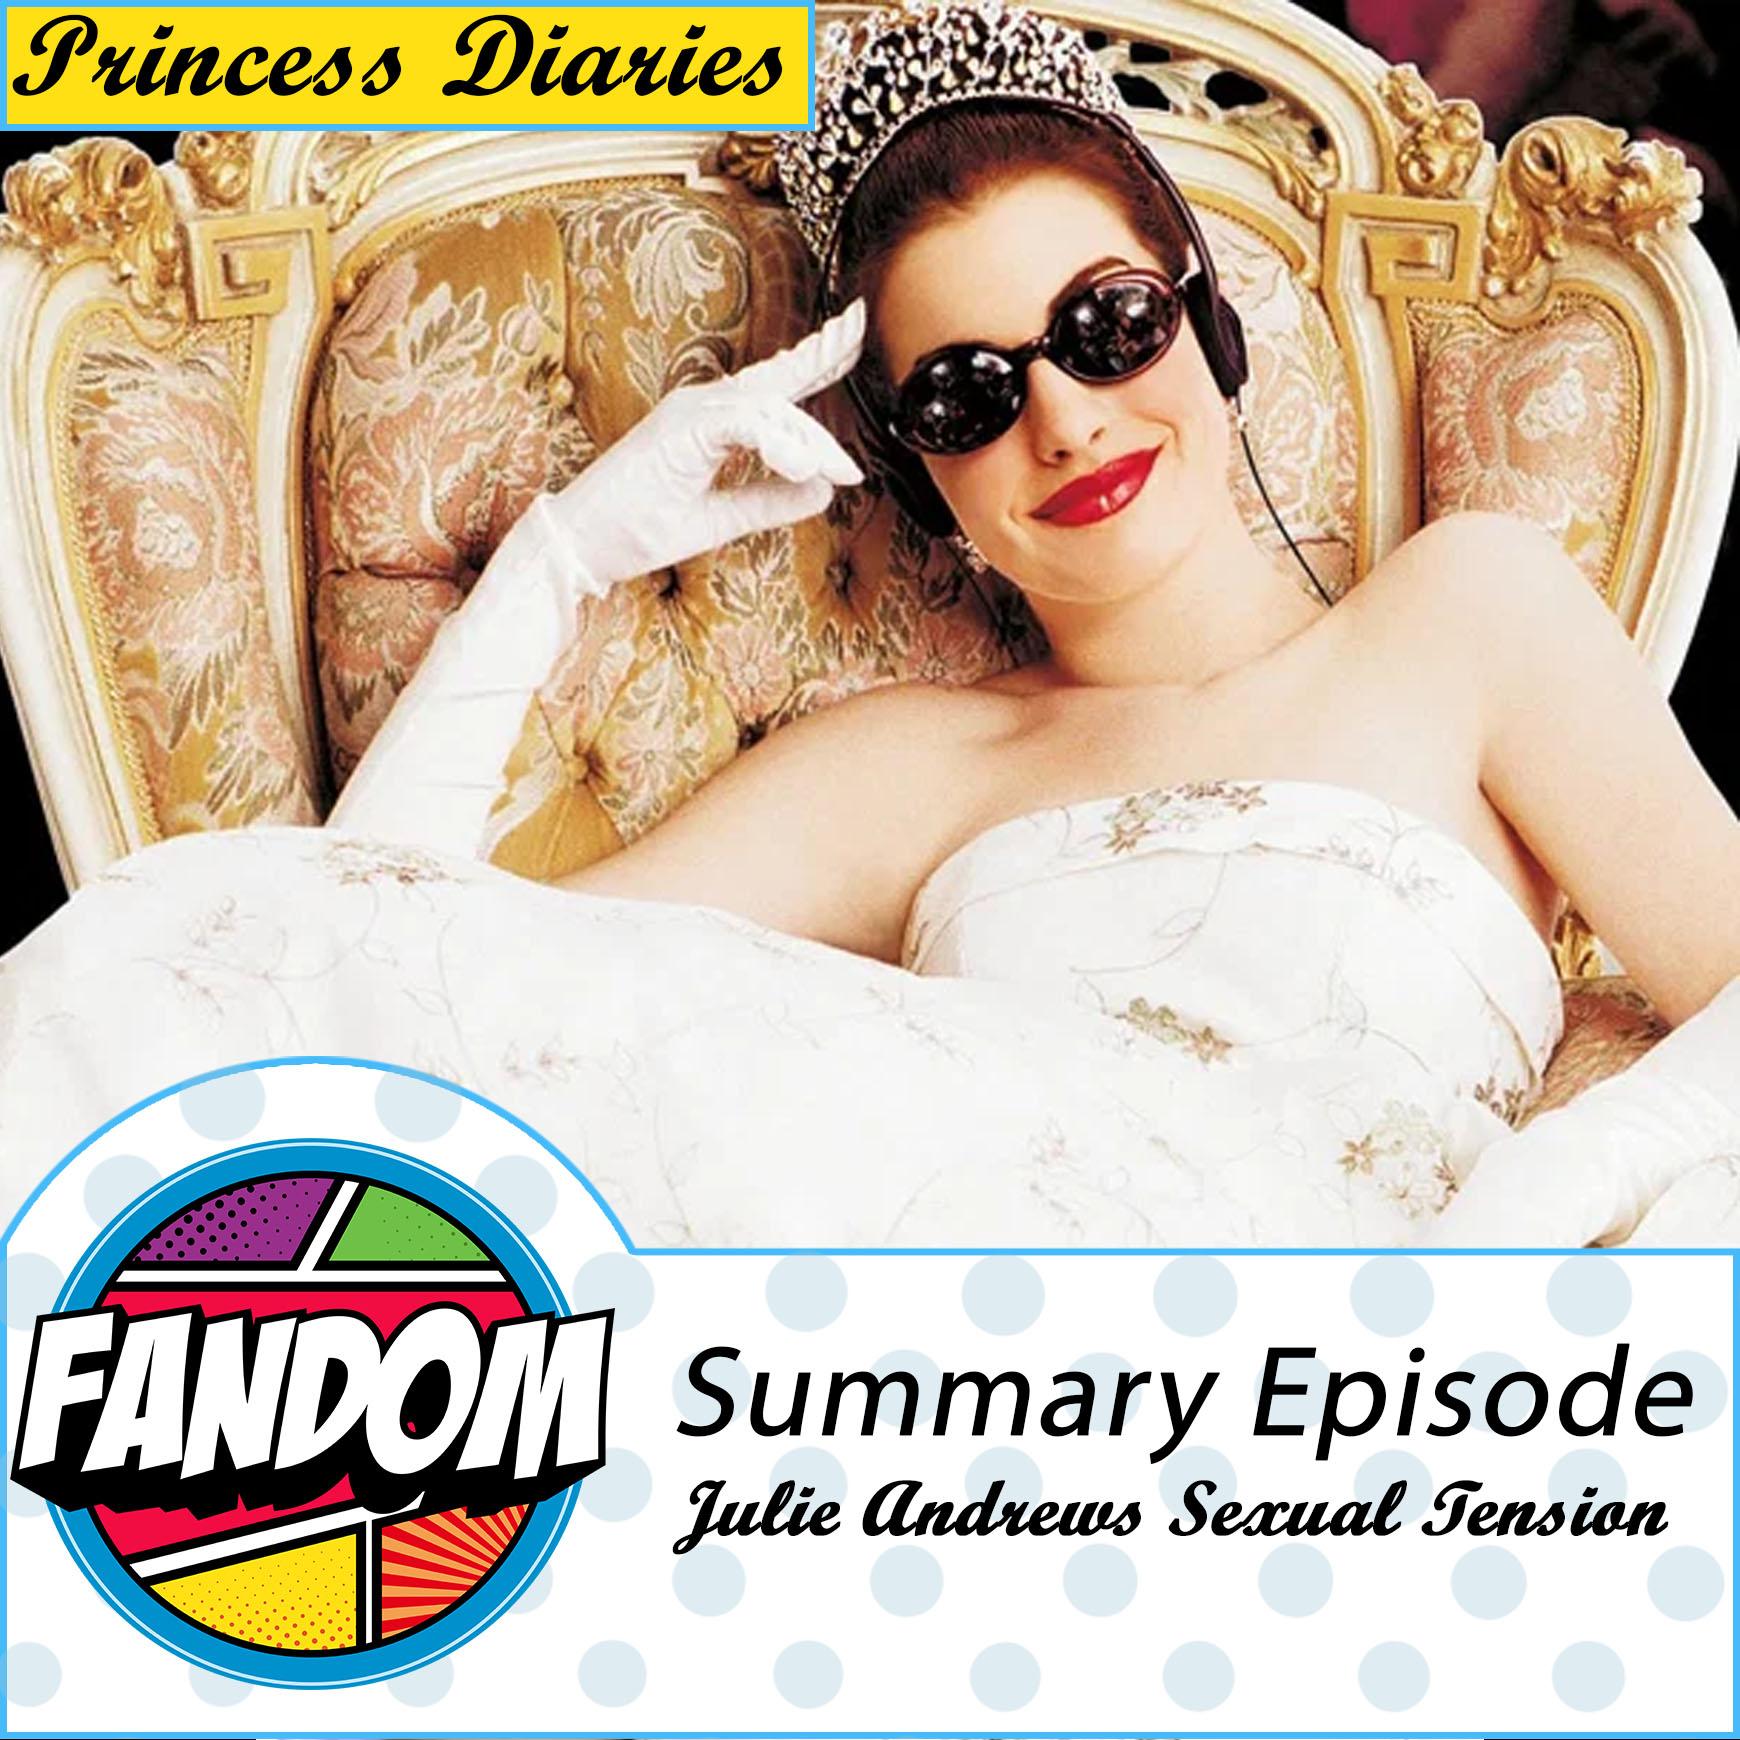 Artwork for podcast Fandom